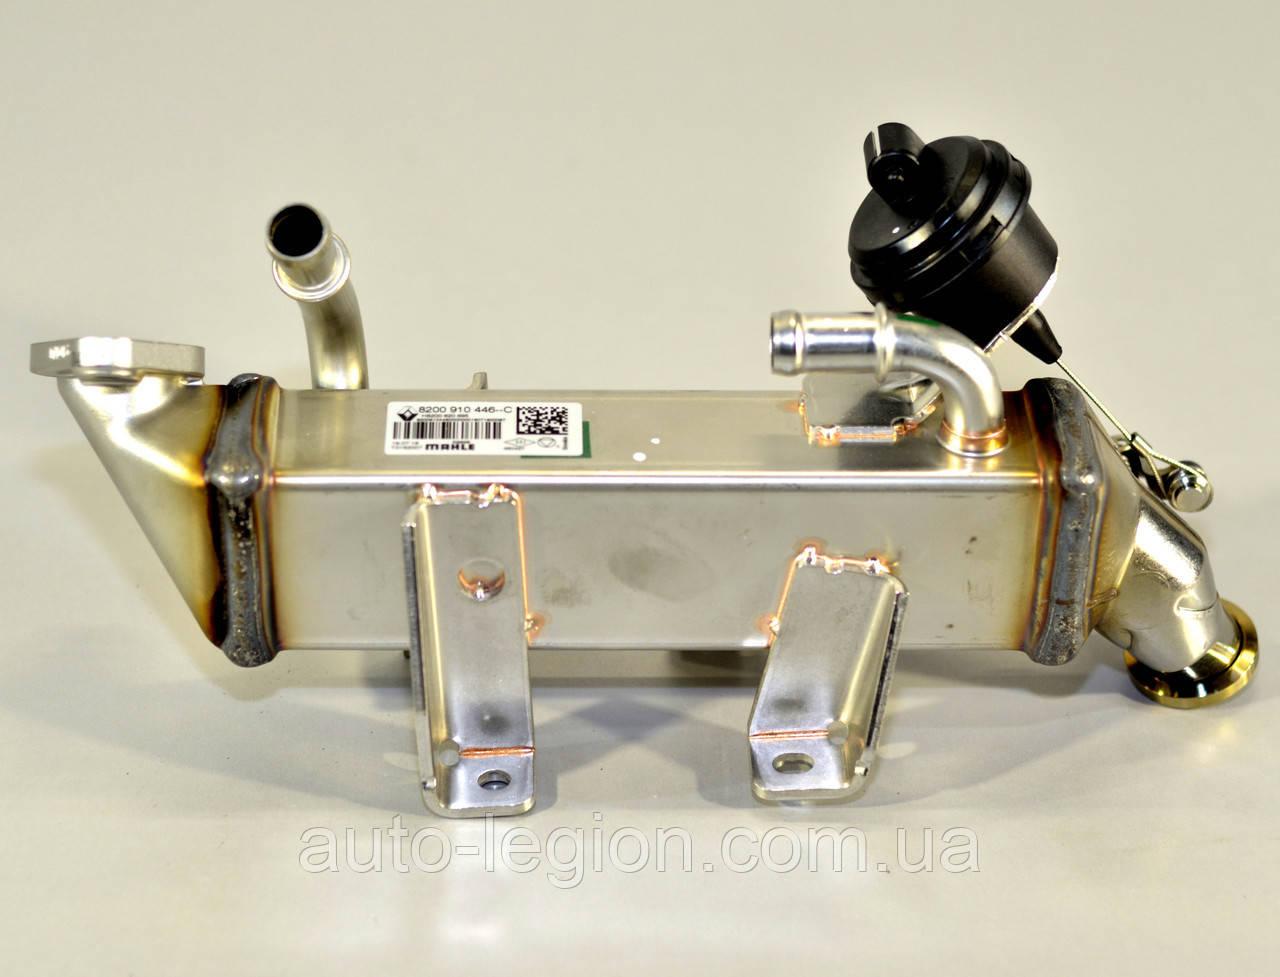 Охладитель системы EGR на Renault Trafic II 11->2014 2.0dCi — Renault (Оригинал) - 8200910446